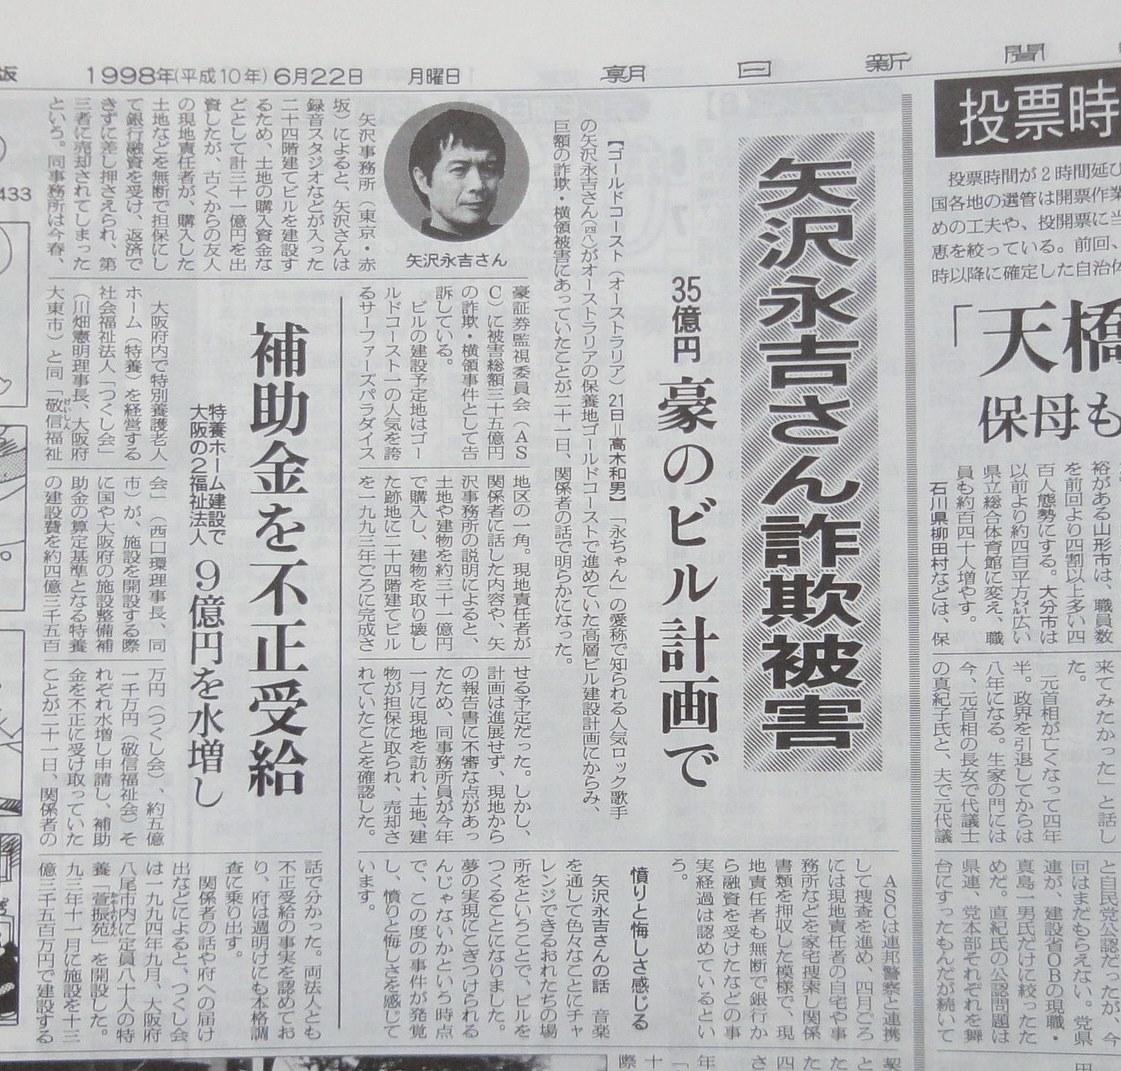 矢沢永吉 詐欺事件